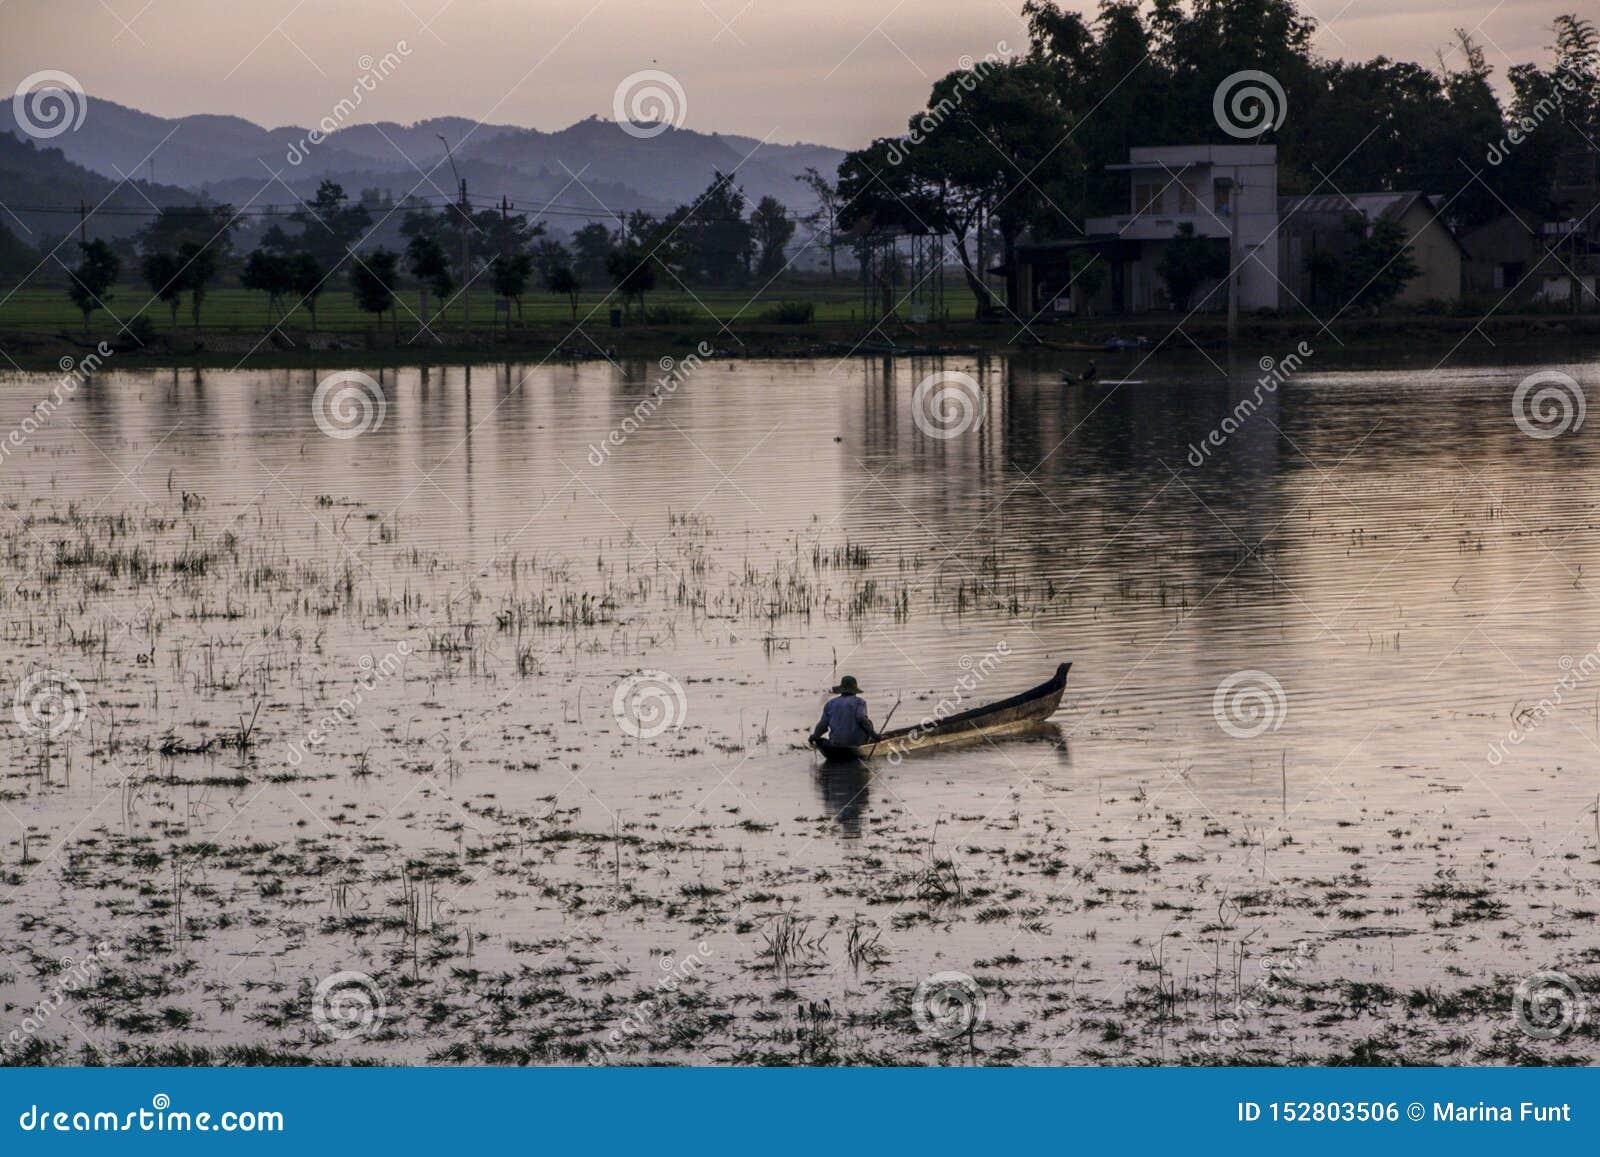 Pescador vietnamita en la navegación de la puesta del sol en un barco a lo largo de la orilla